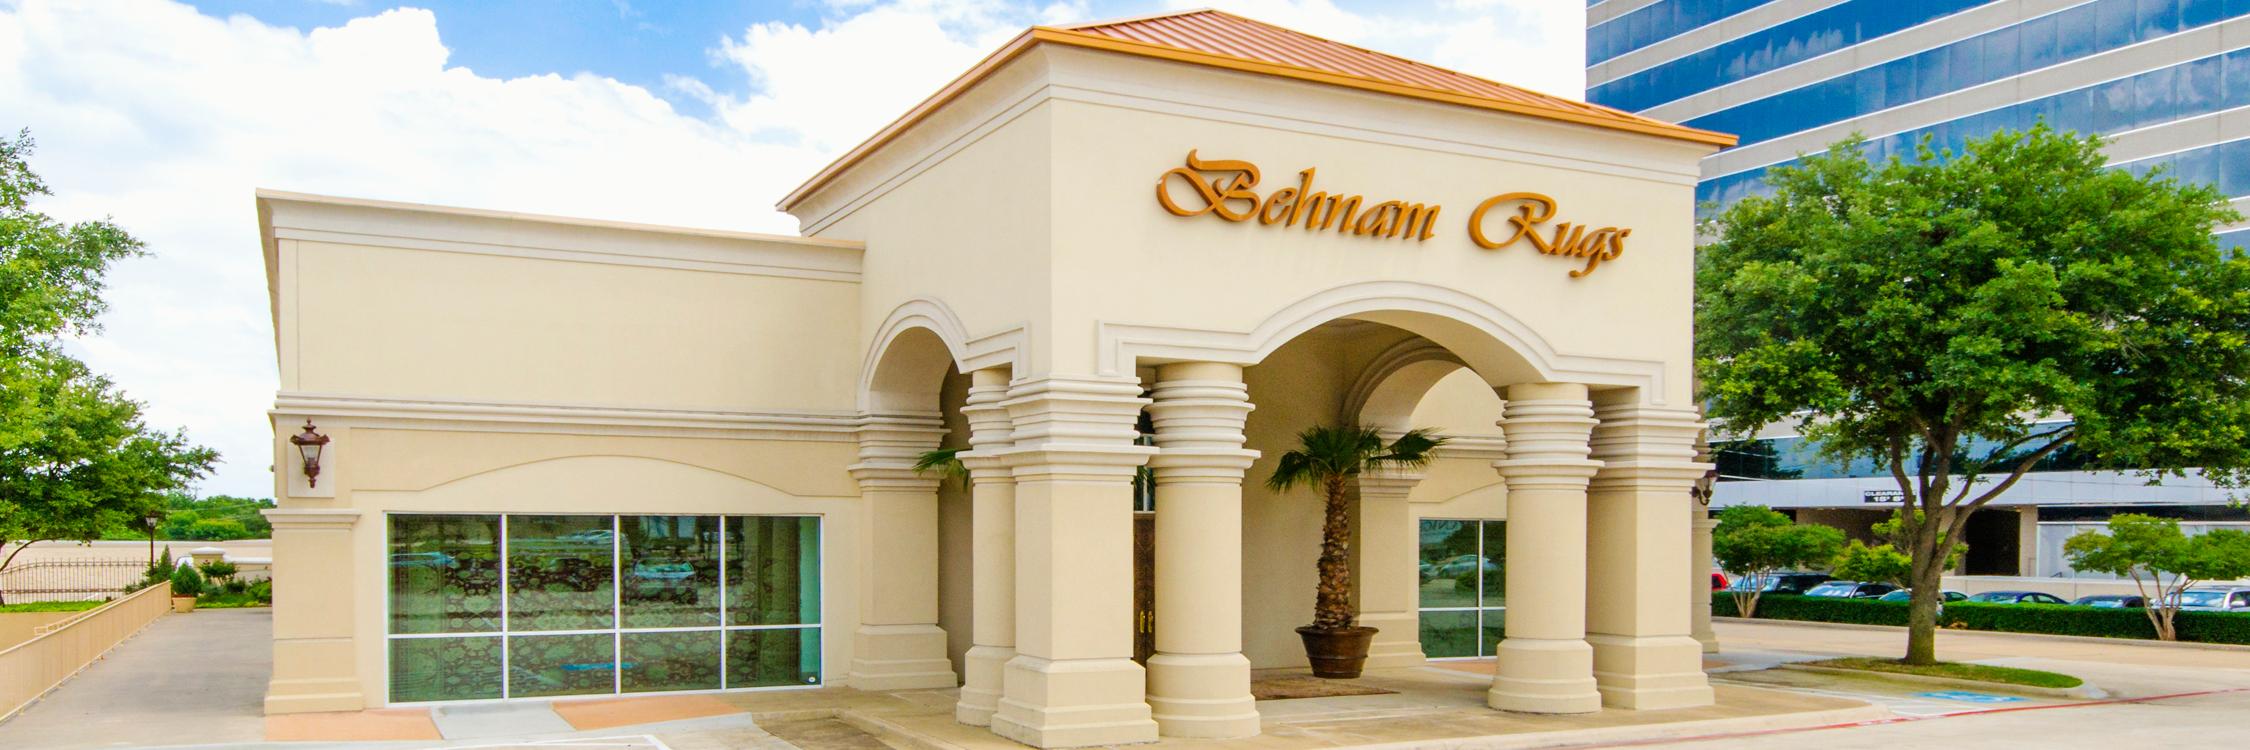 Behnam Rugs Building Exterior